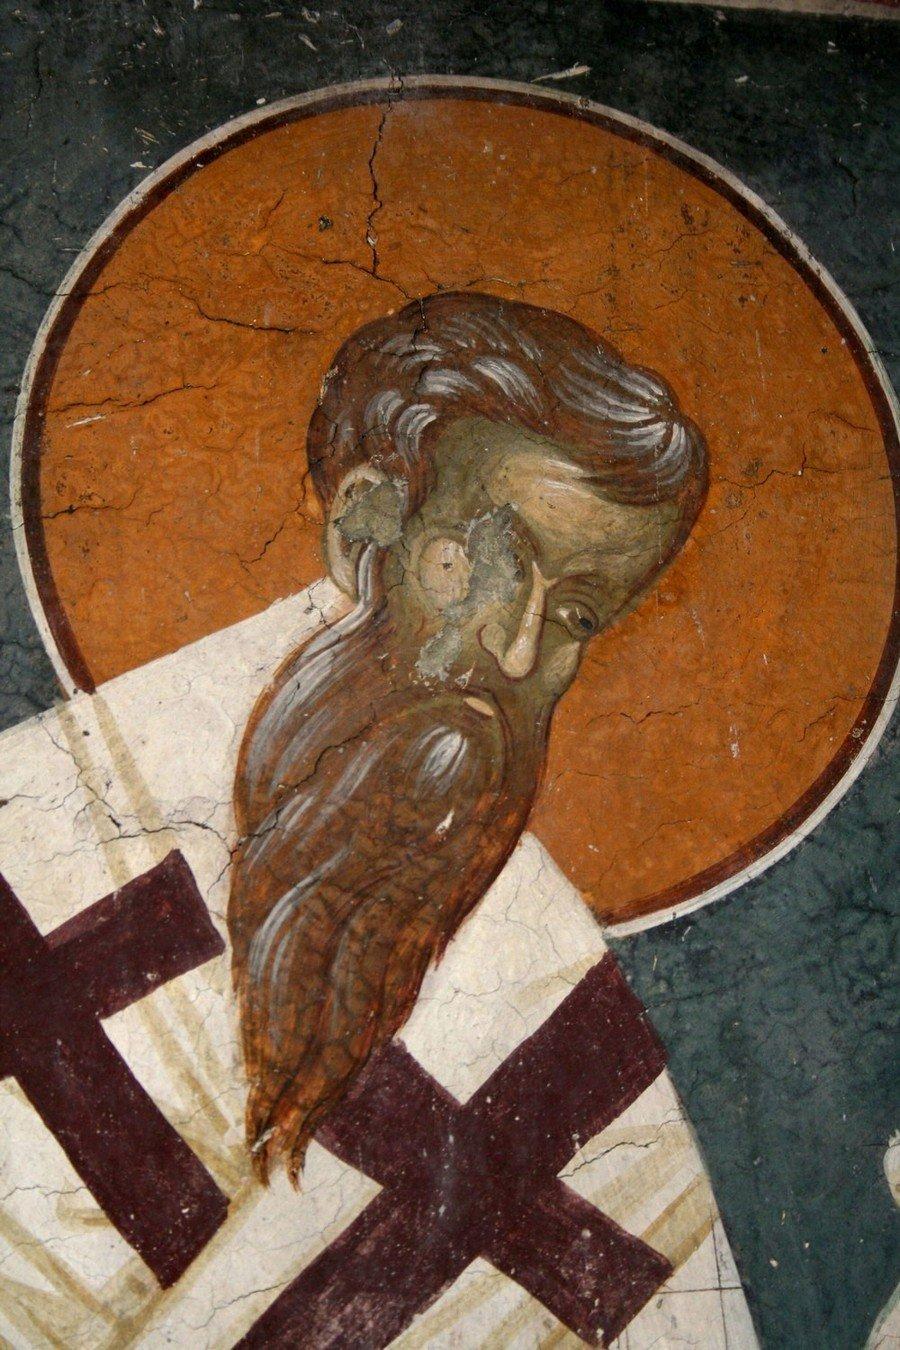 Святитель Григорий, Епископ Нисский. Фреска церкви Святого Никиты в Чучере близ Скопье, Македония. Около 1316 года. Иконописцы Михаил Астрапа и Евтихий.